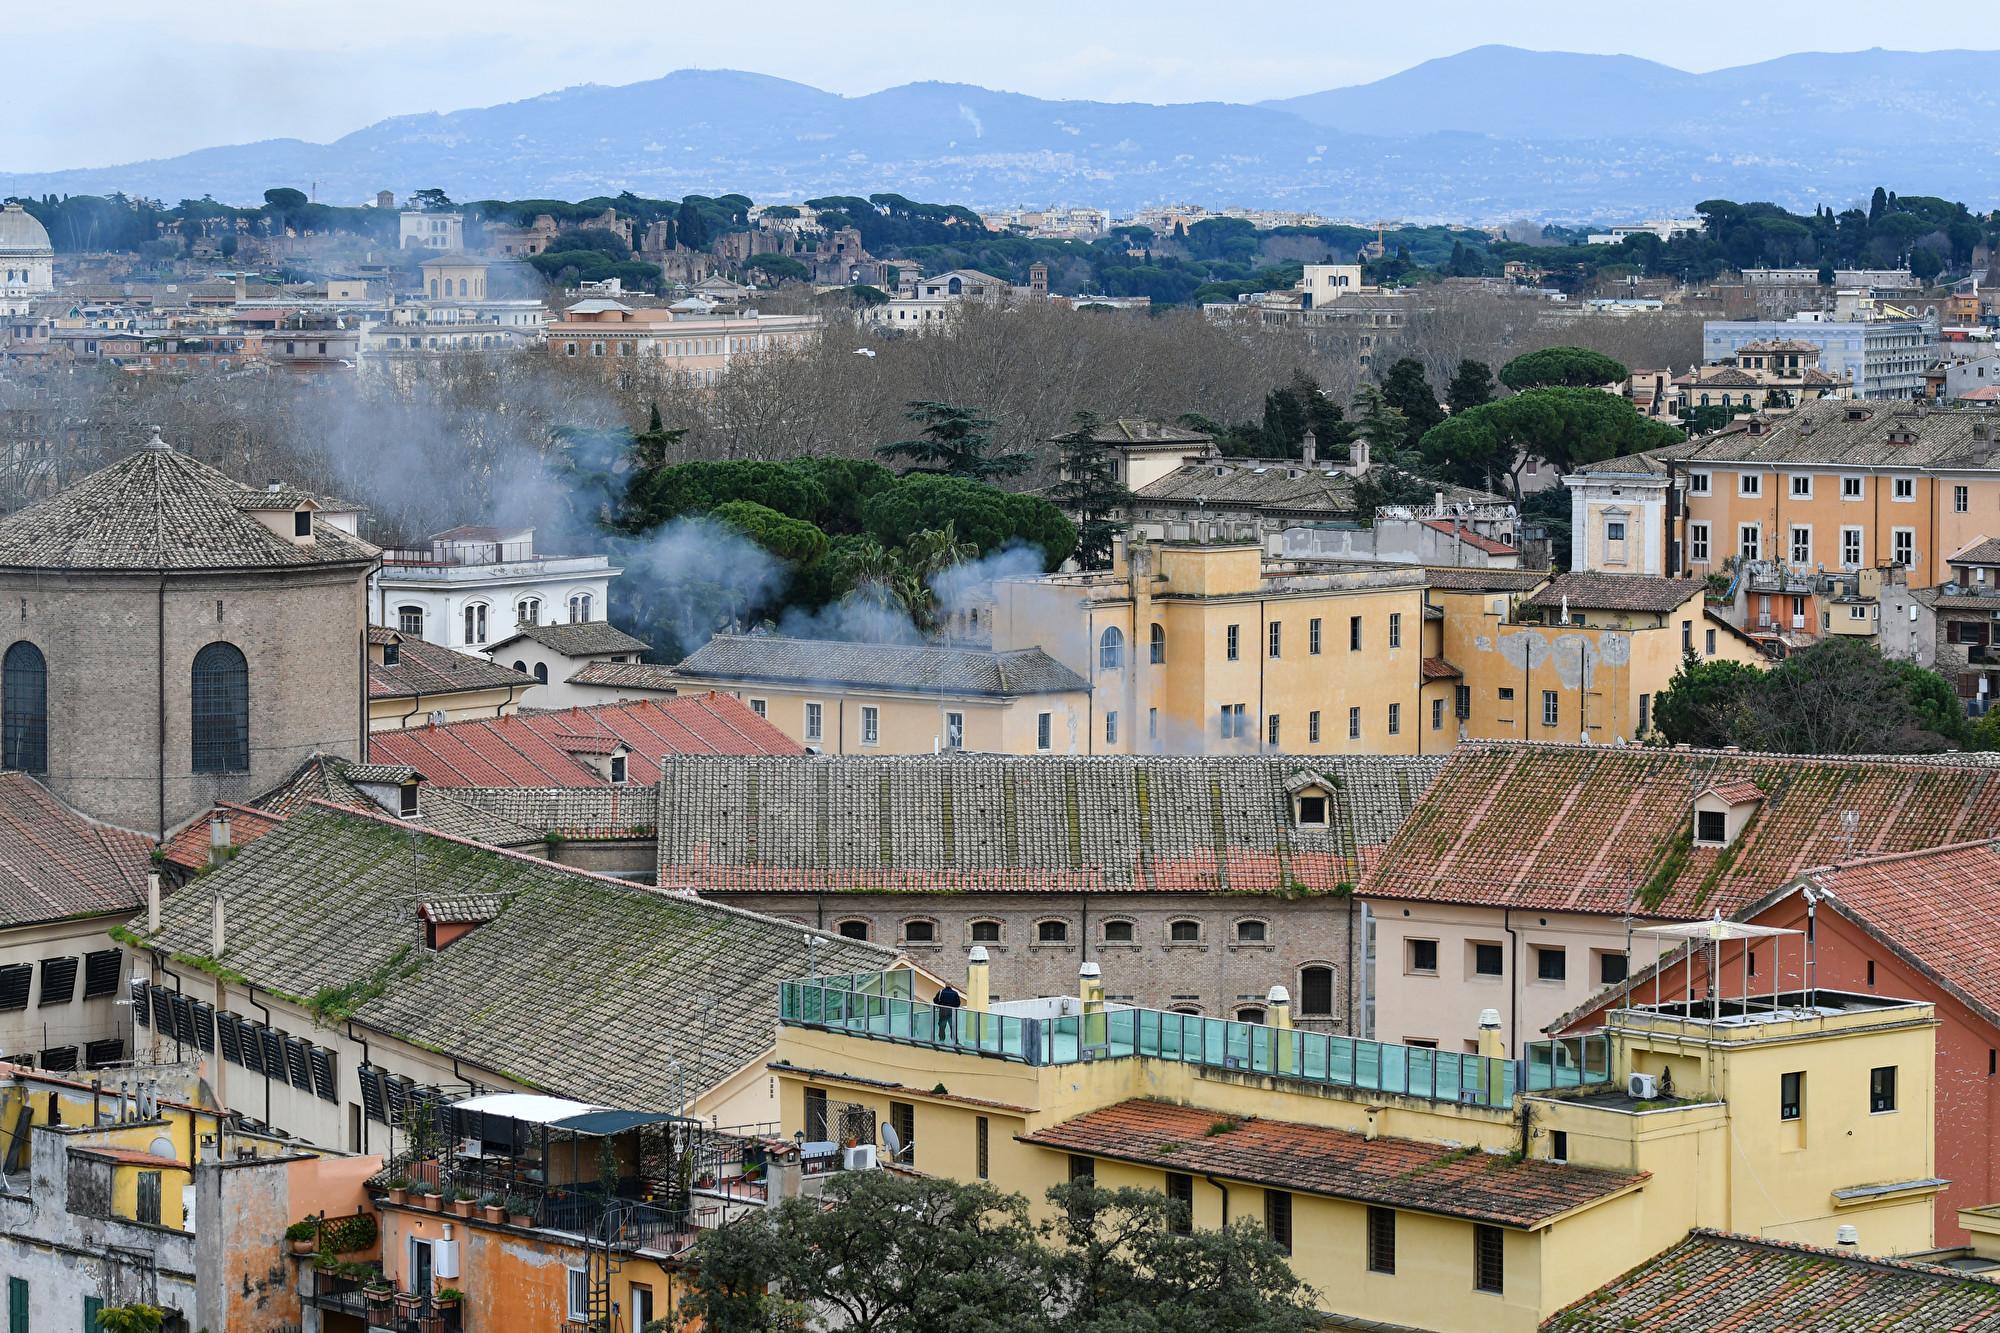 意大利總理宣佈全國封鎖 六千萬人行動受限